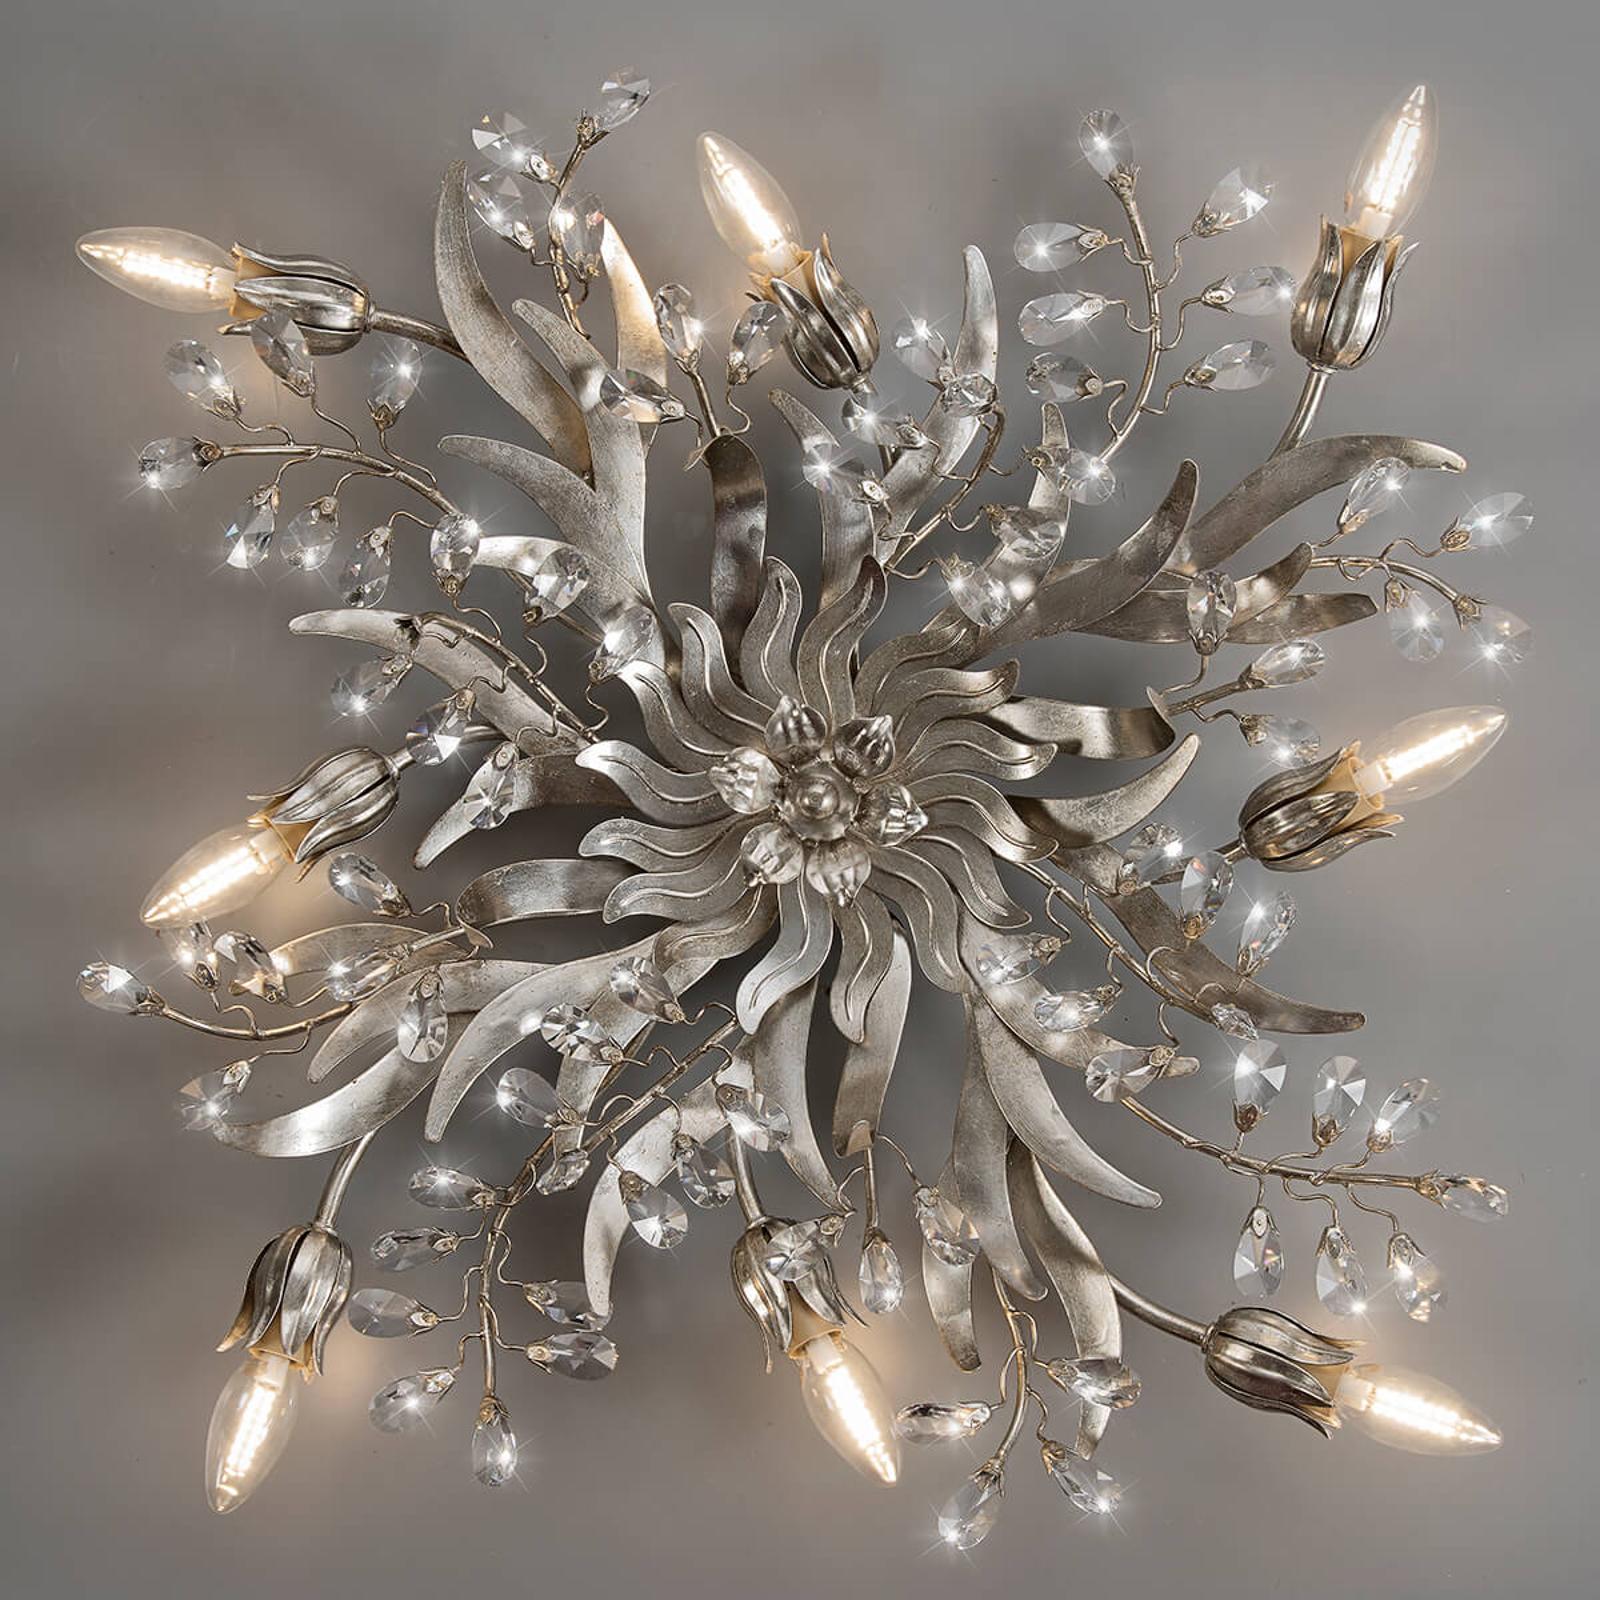 Florentijns plafondlamp Sara, 8-lichts